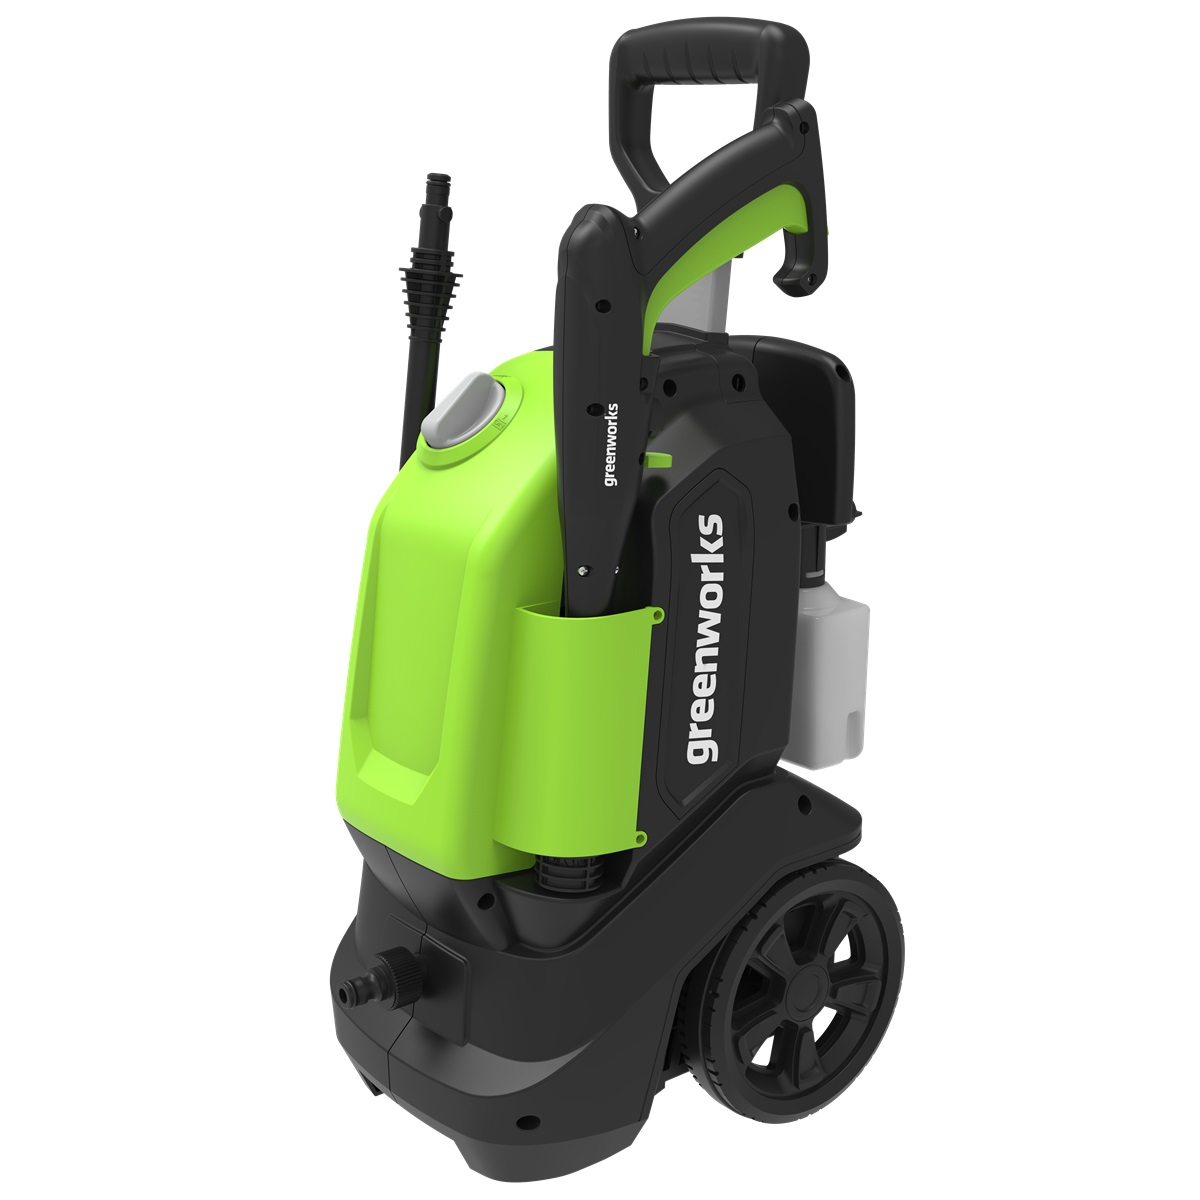 elektrický vysokotlakový čistič 120 bar Greenworks G30